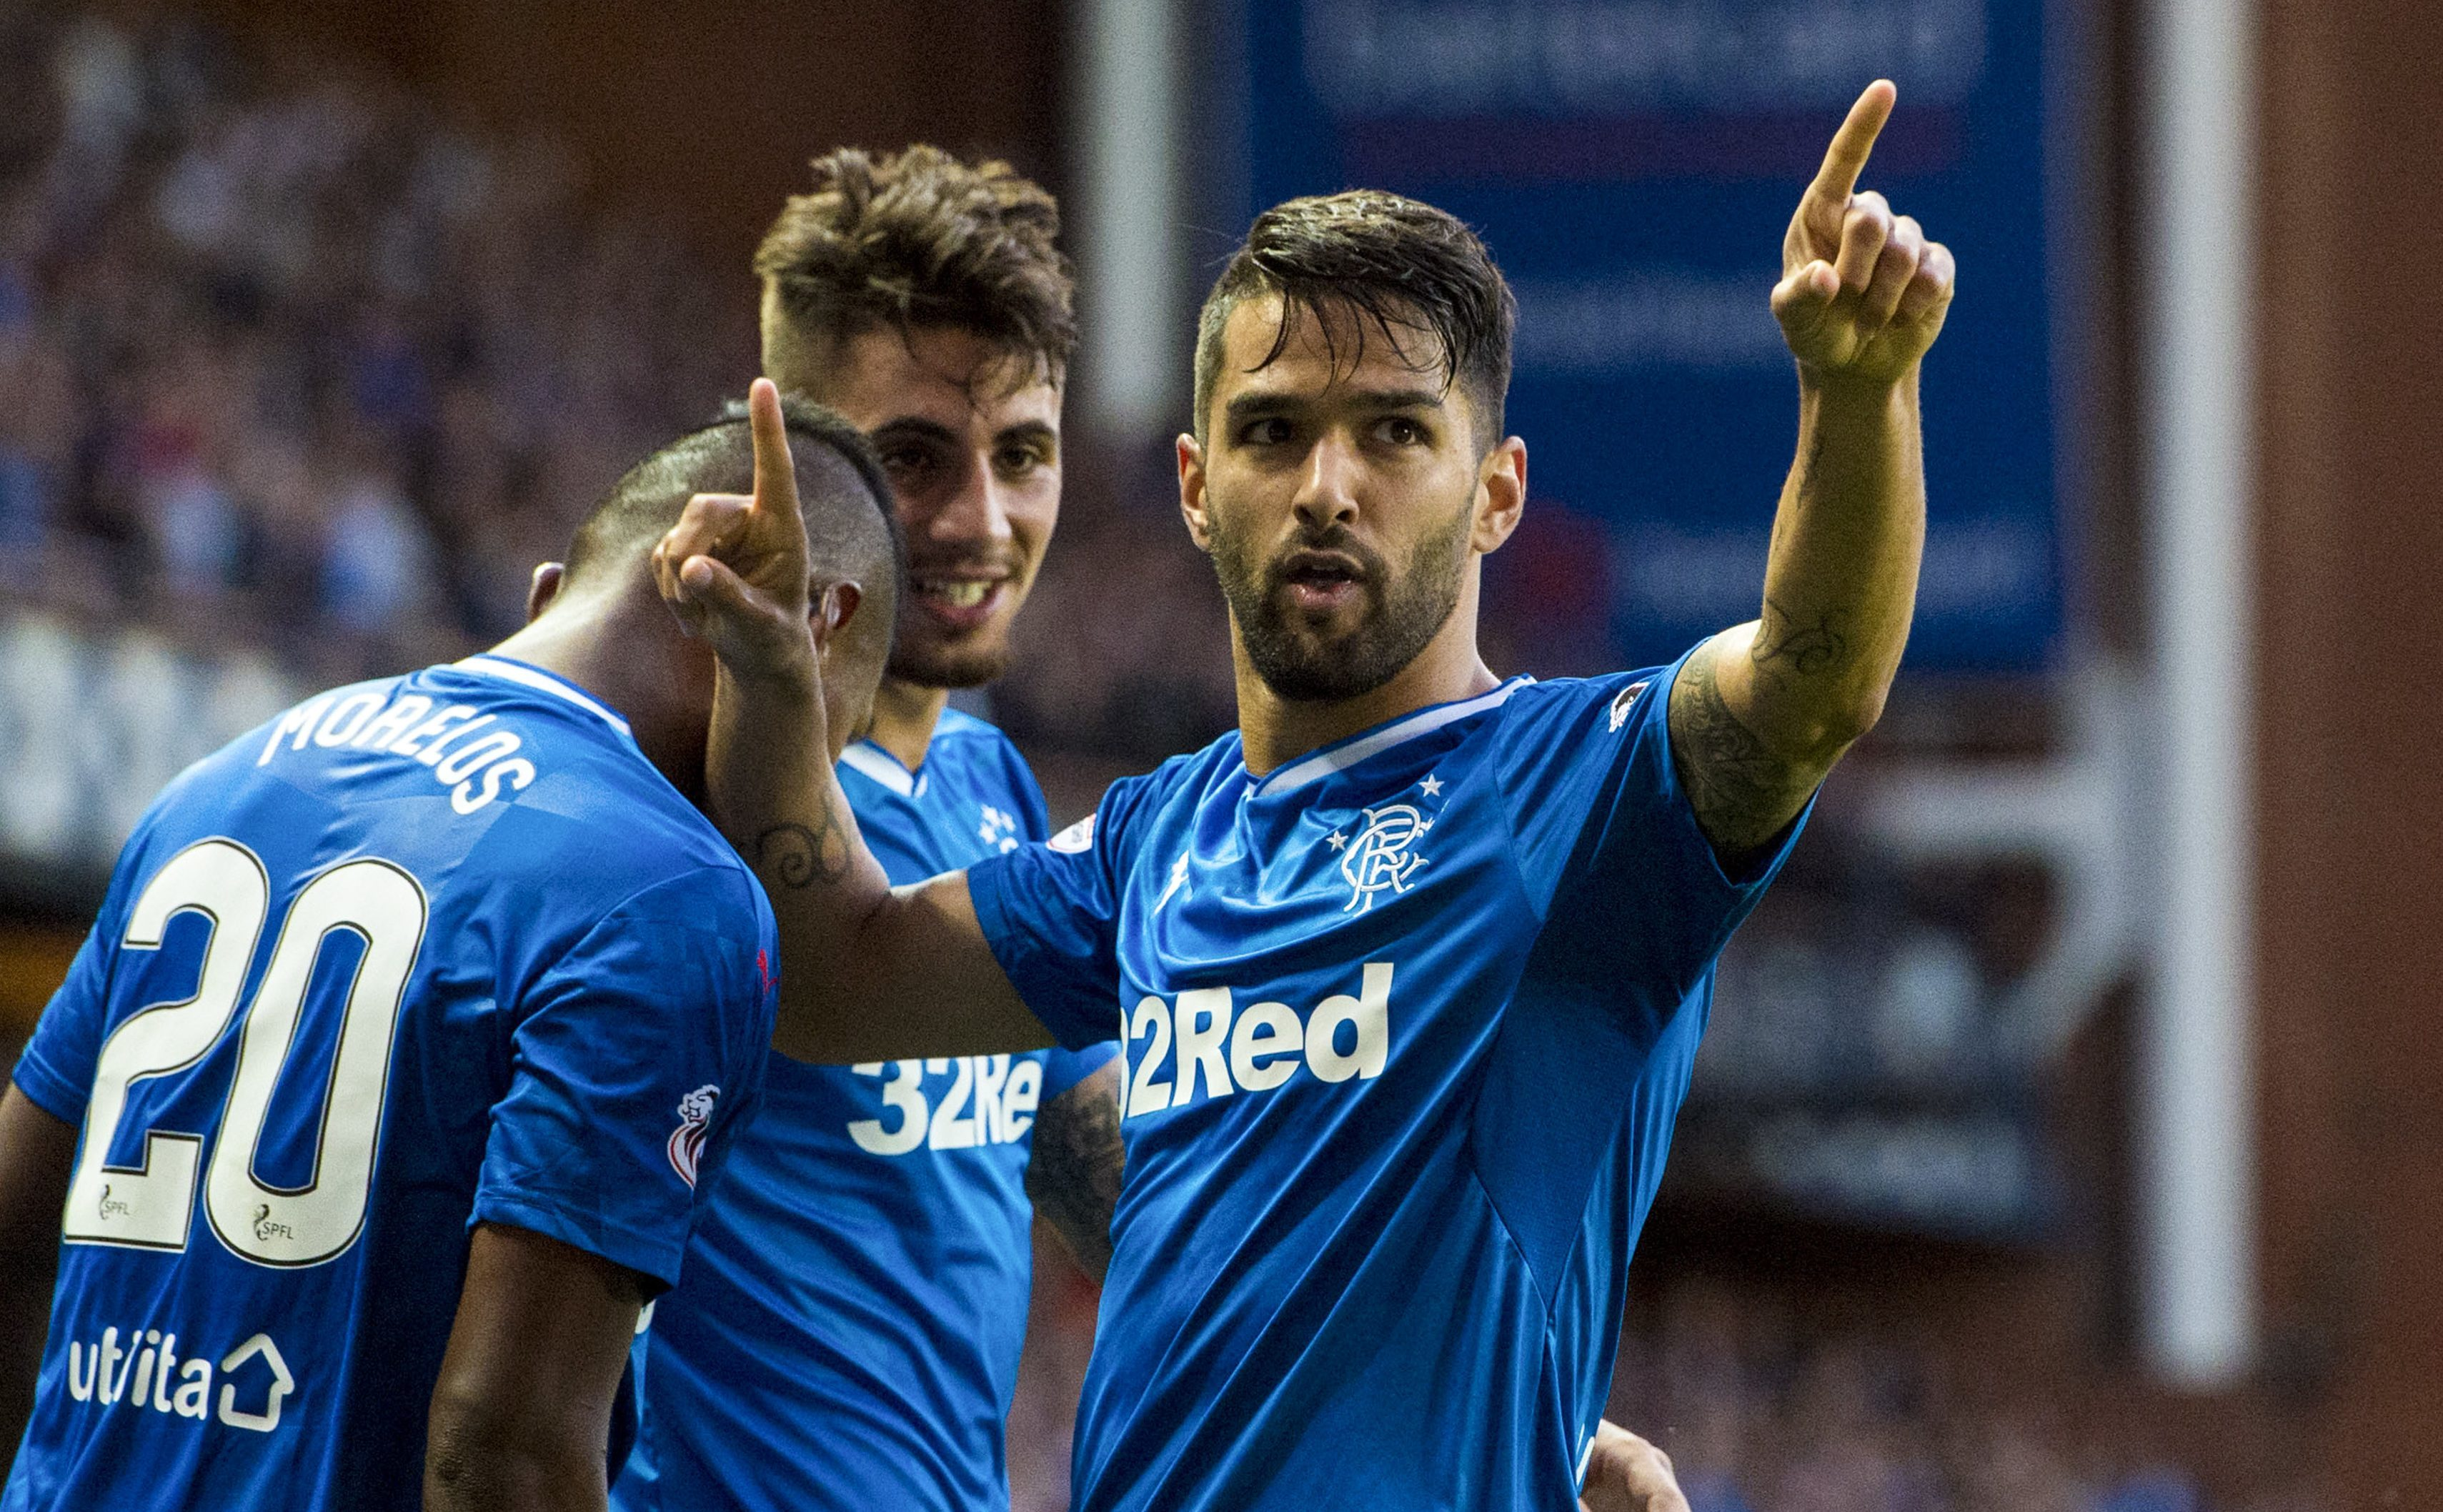 Rangers' Daniel Candeias celebrates his goal (SNS Group / Paul Devlin)